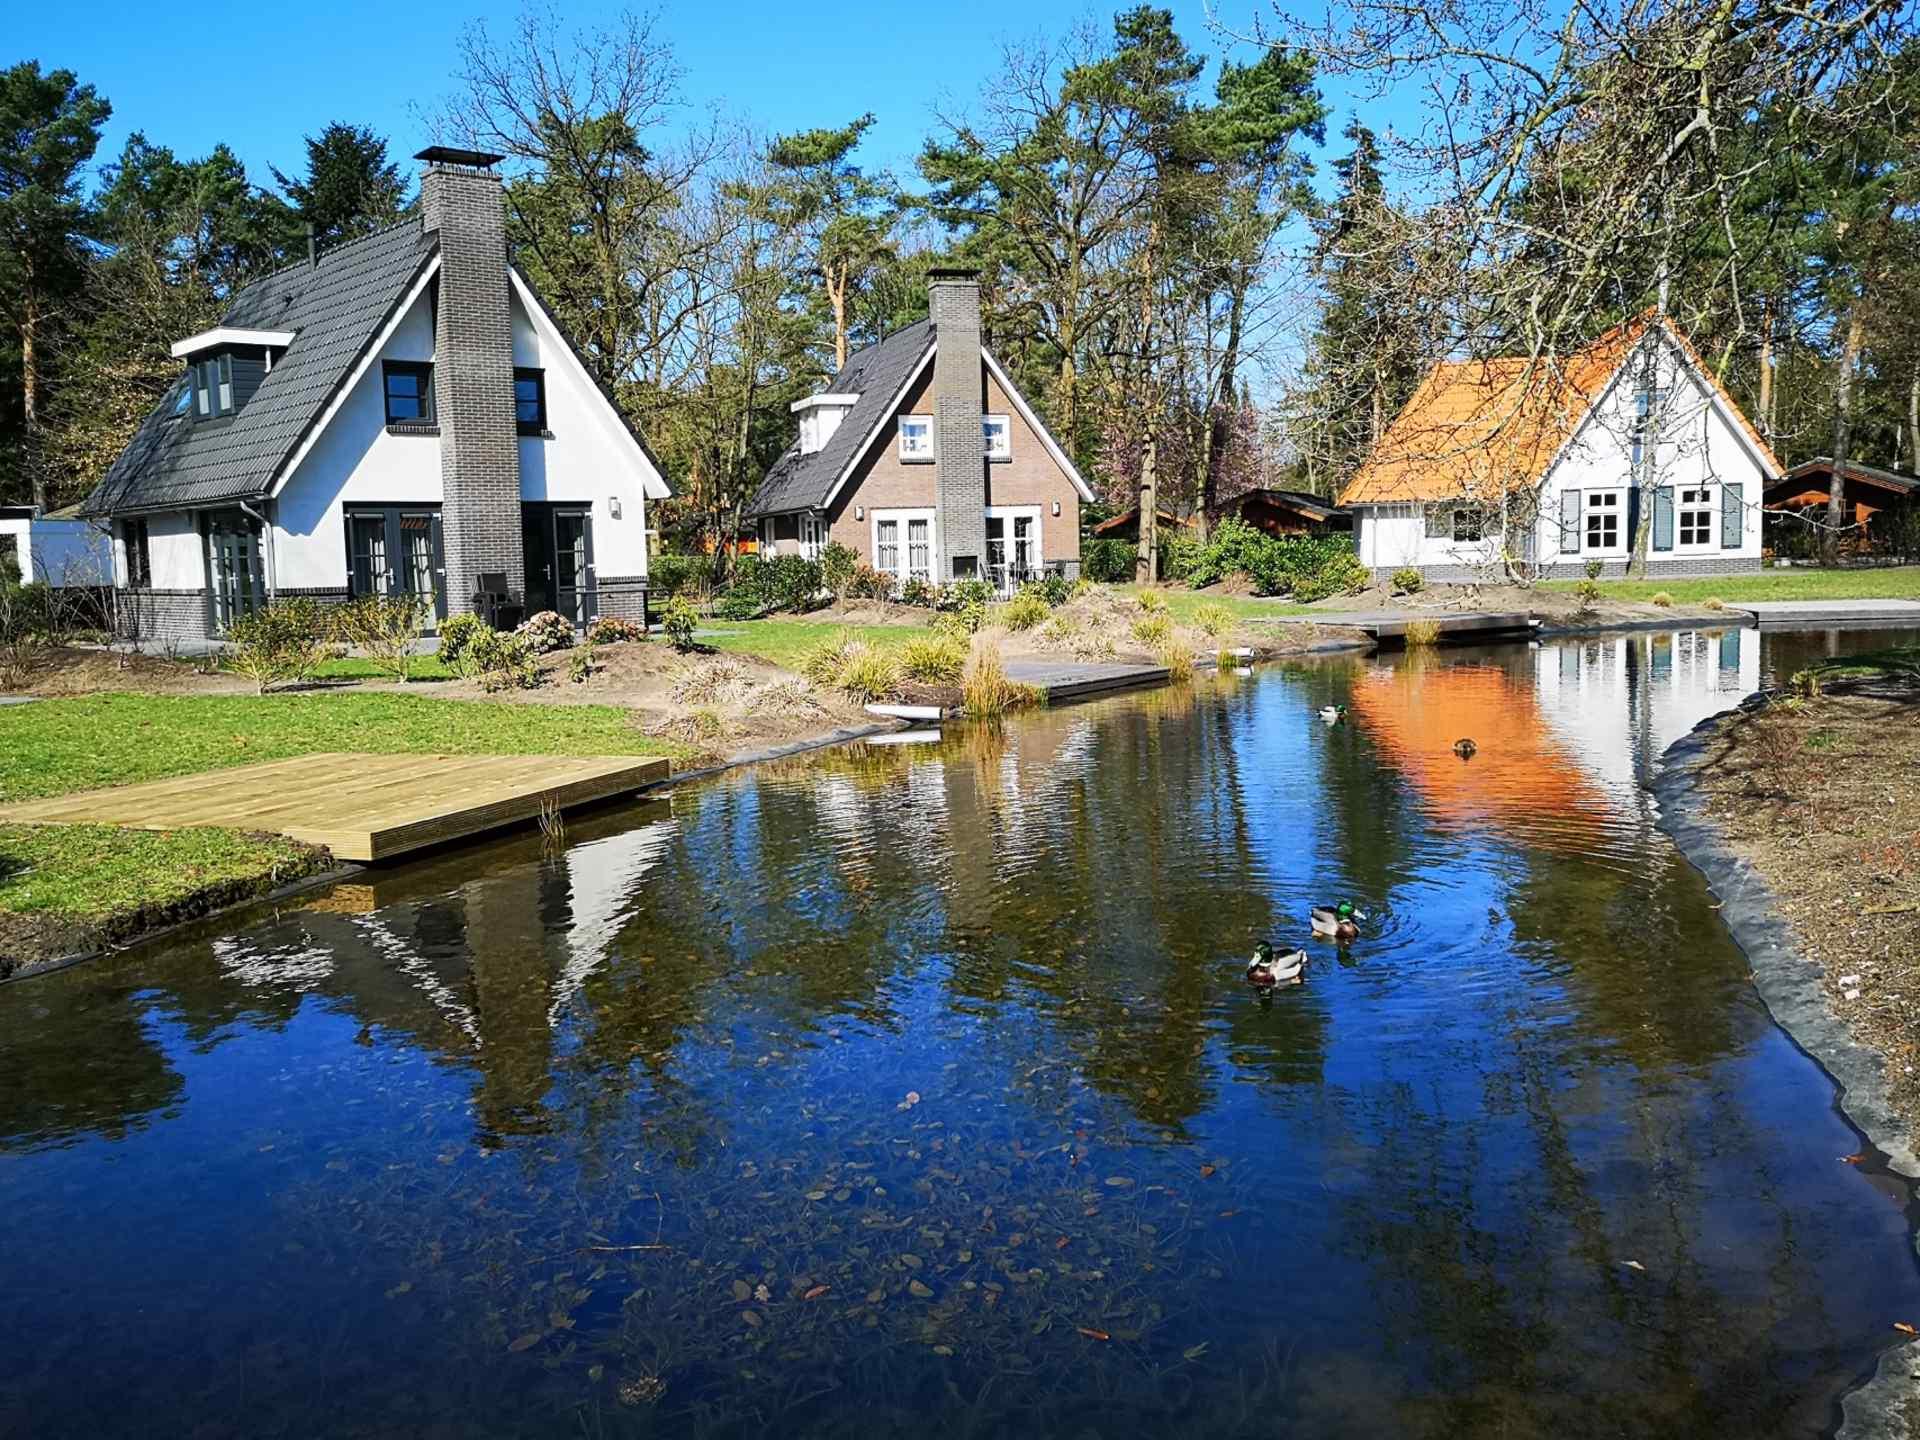 Villa's at the water